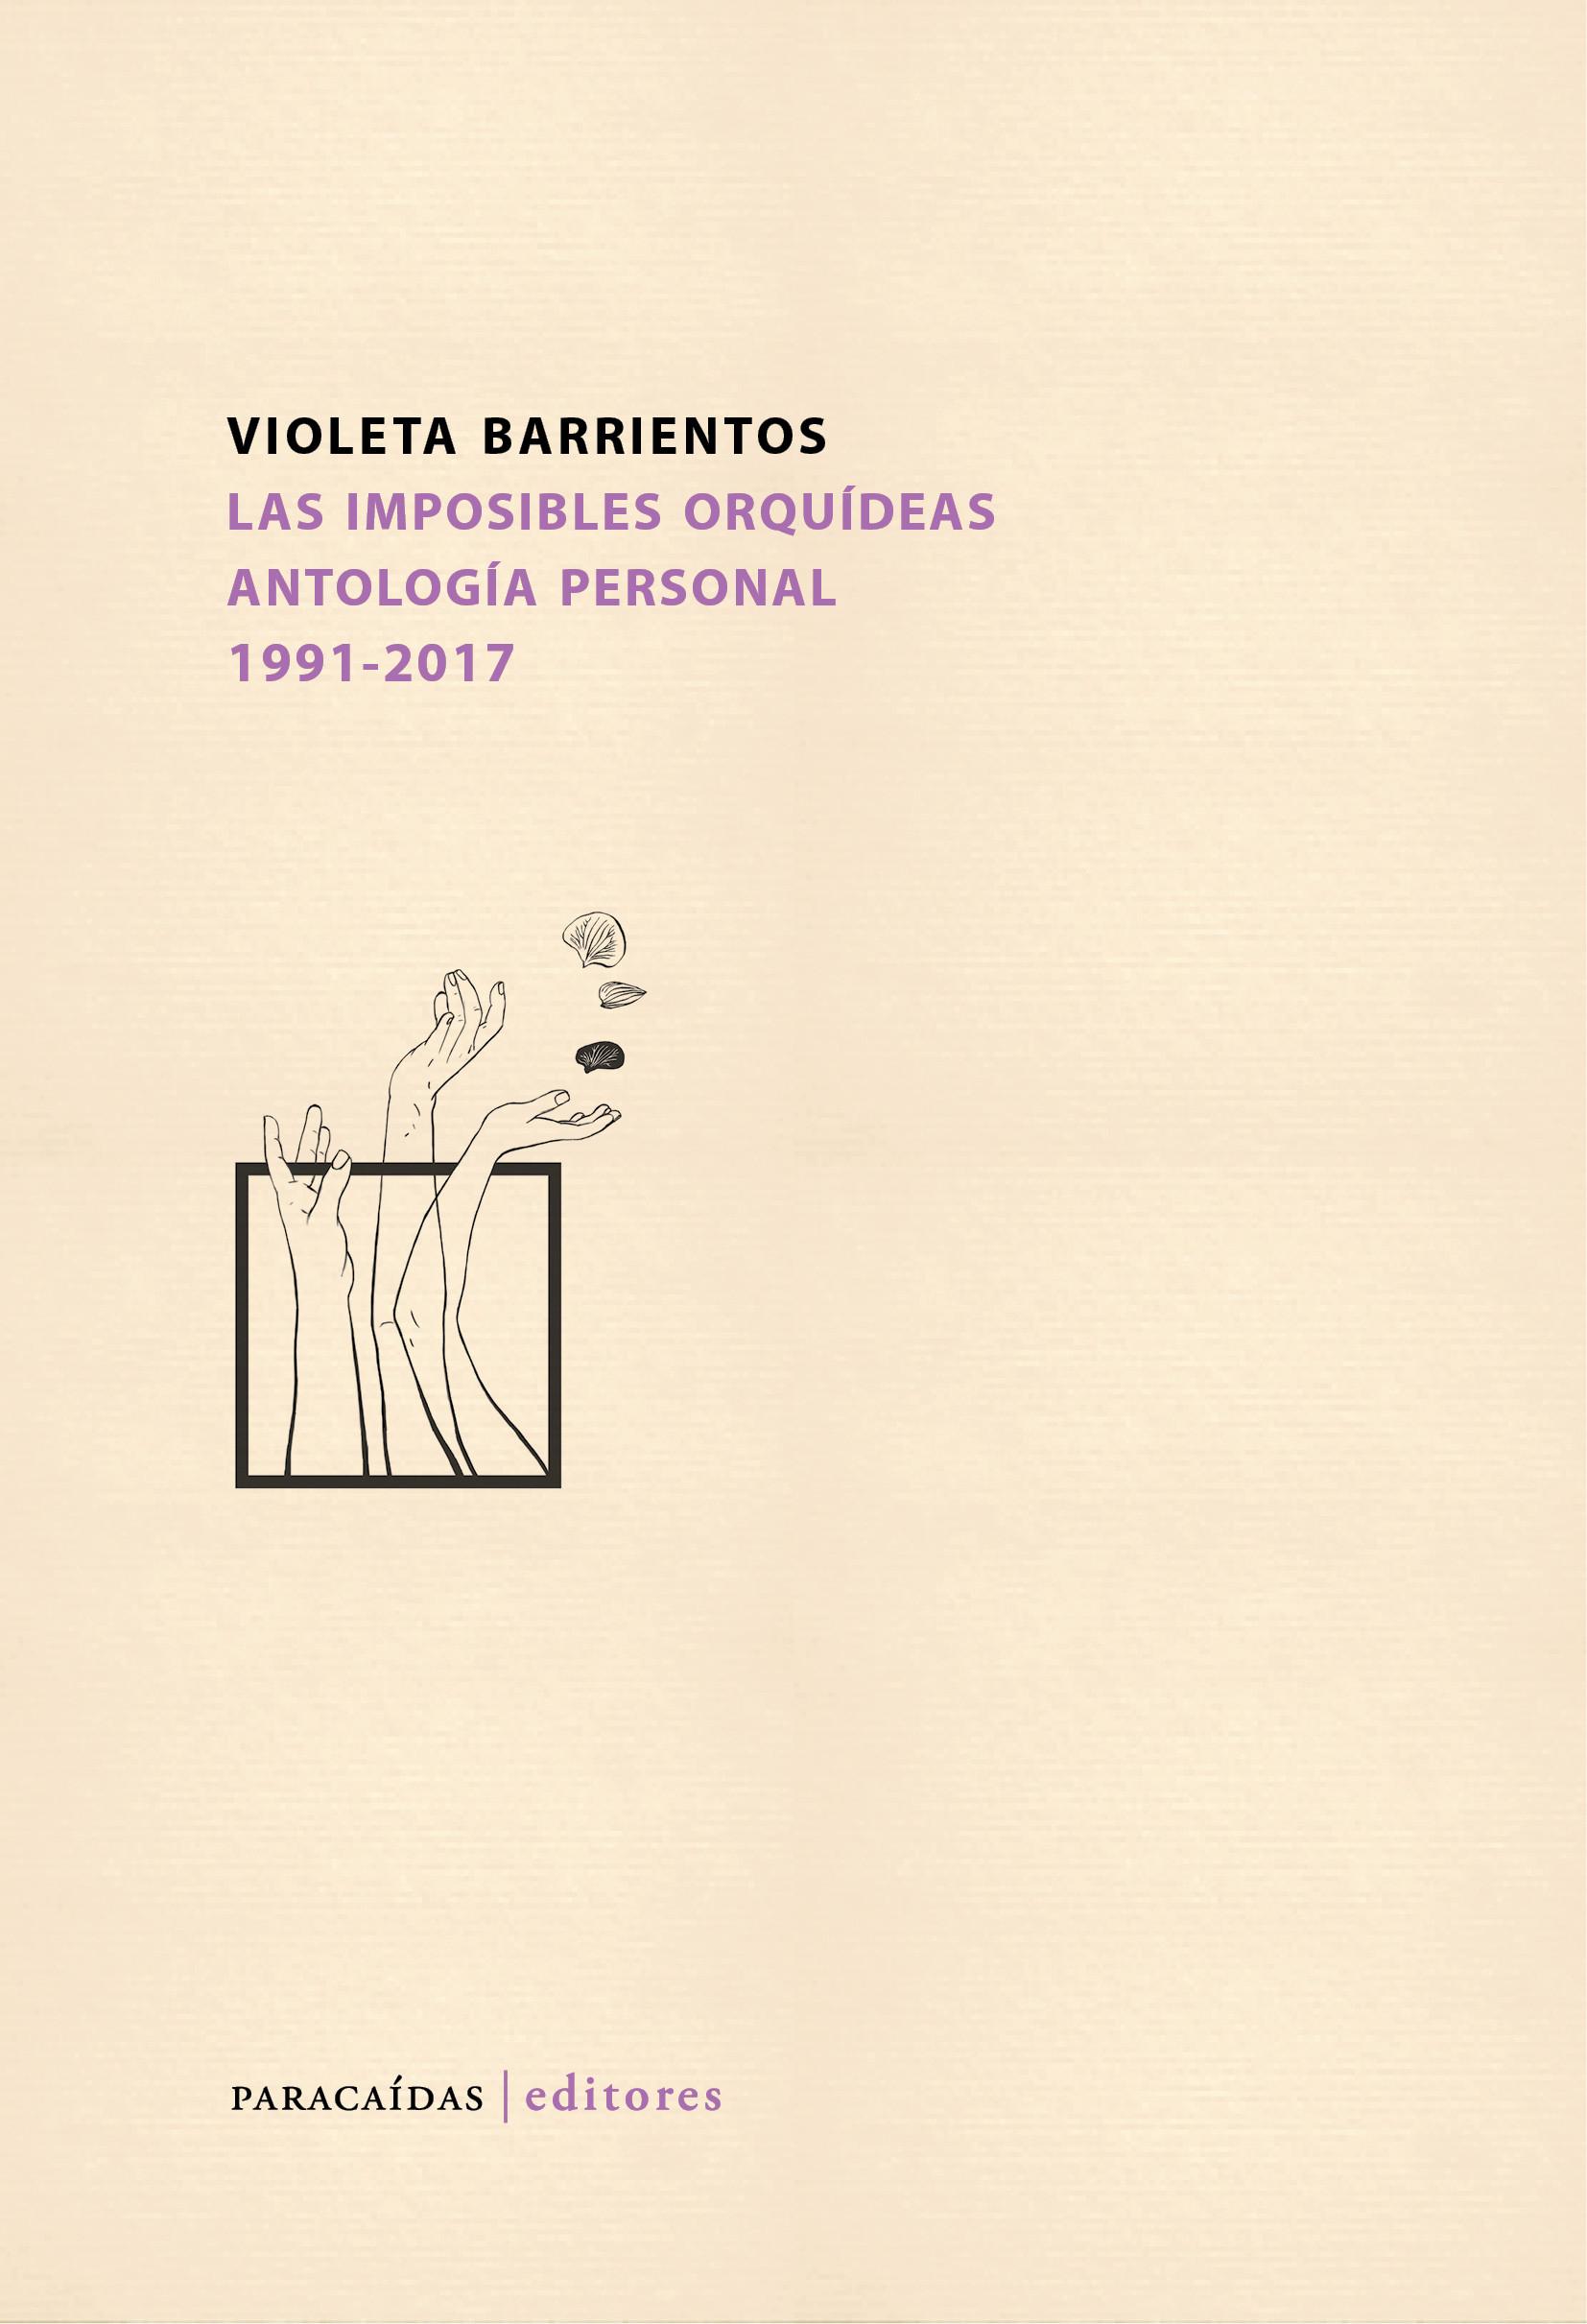 Las imposibles orquídeas. Antología personal 1991-2017